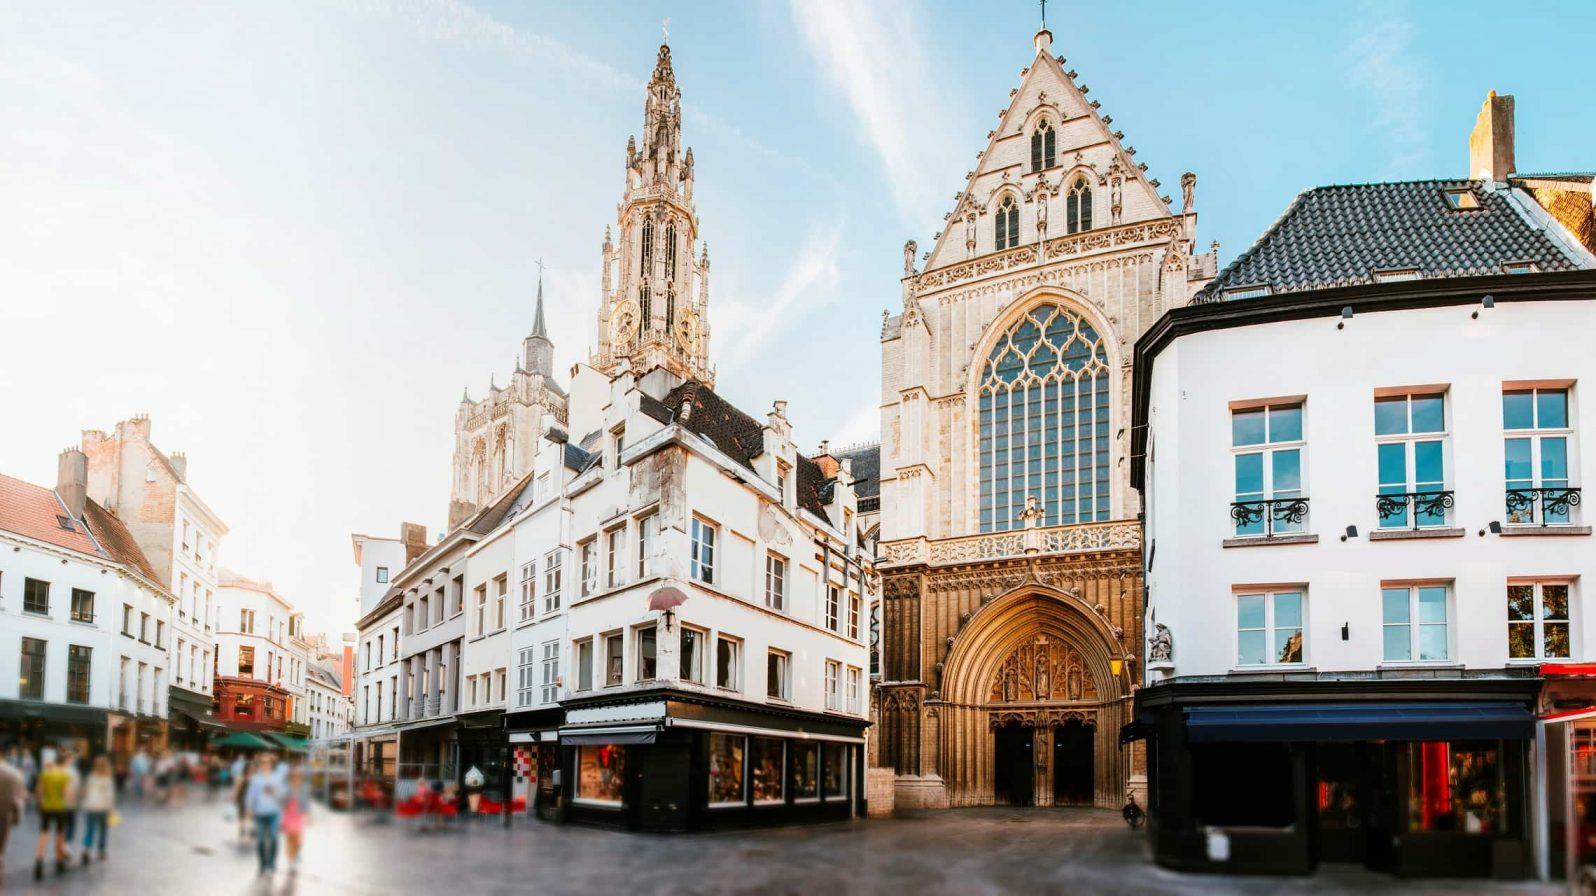 Antwerpen-Belgia-1596x896.jpeg